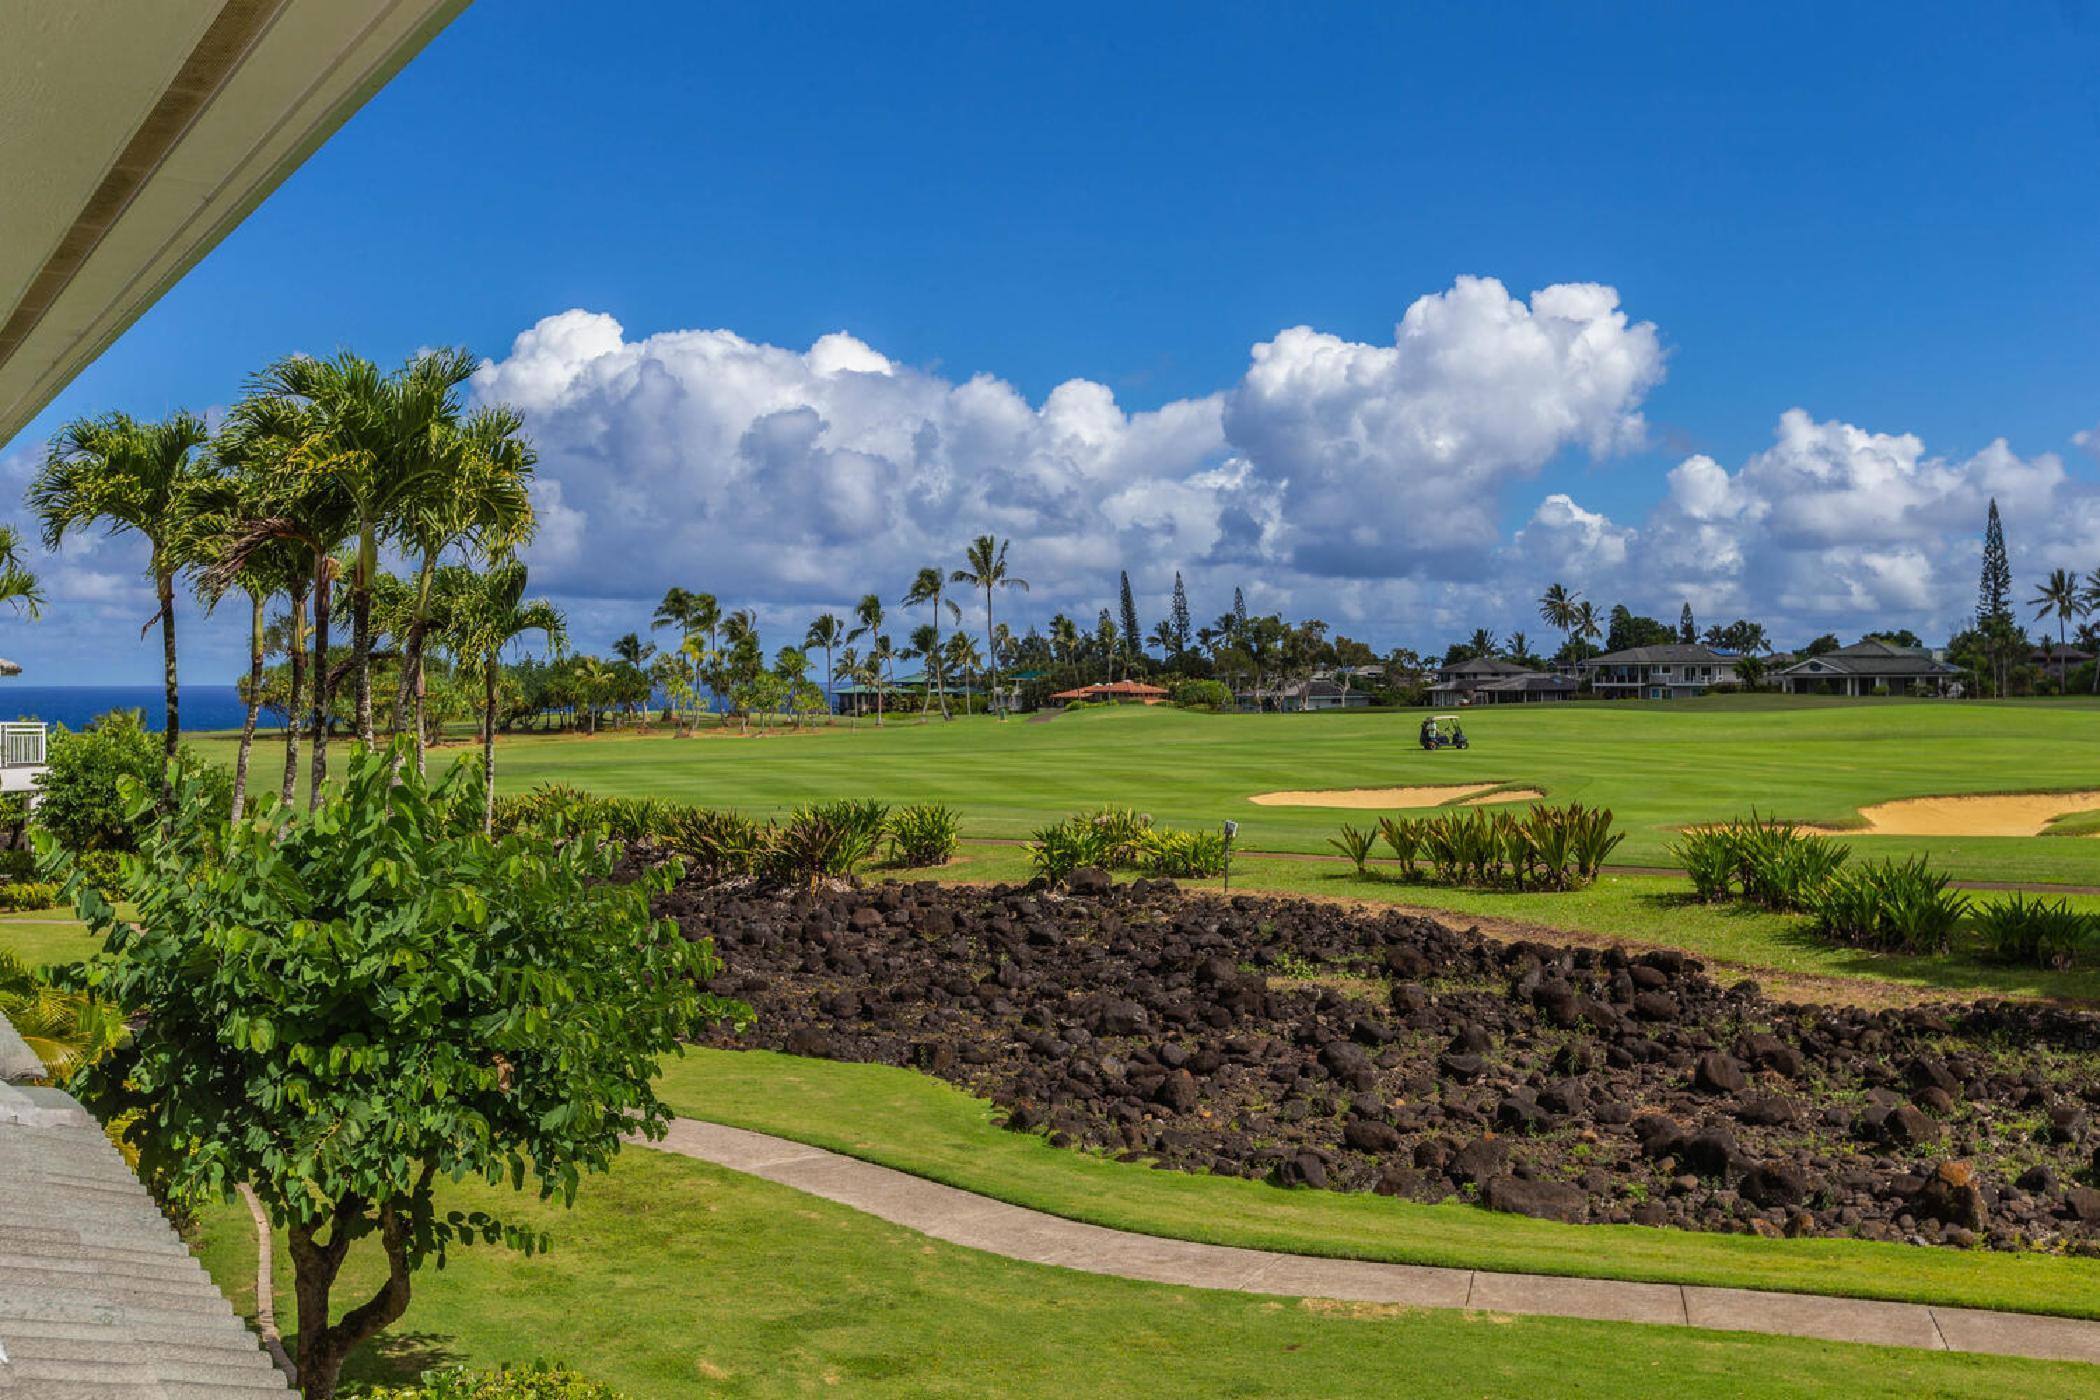 golf-course-view-2.jpeg